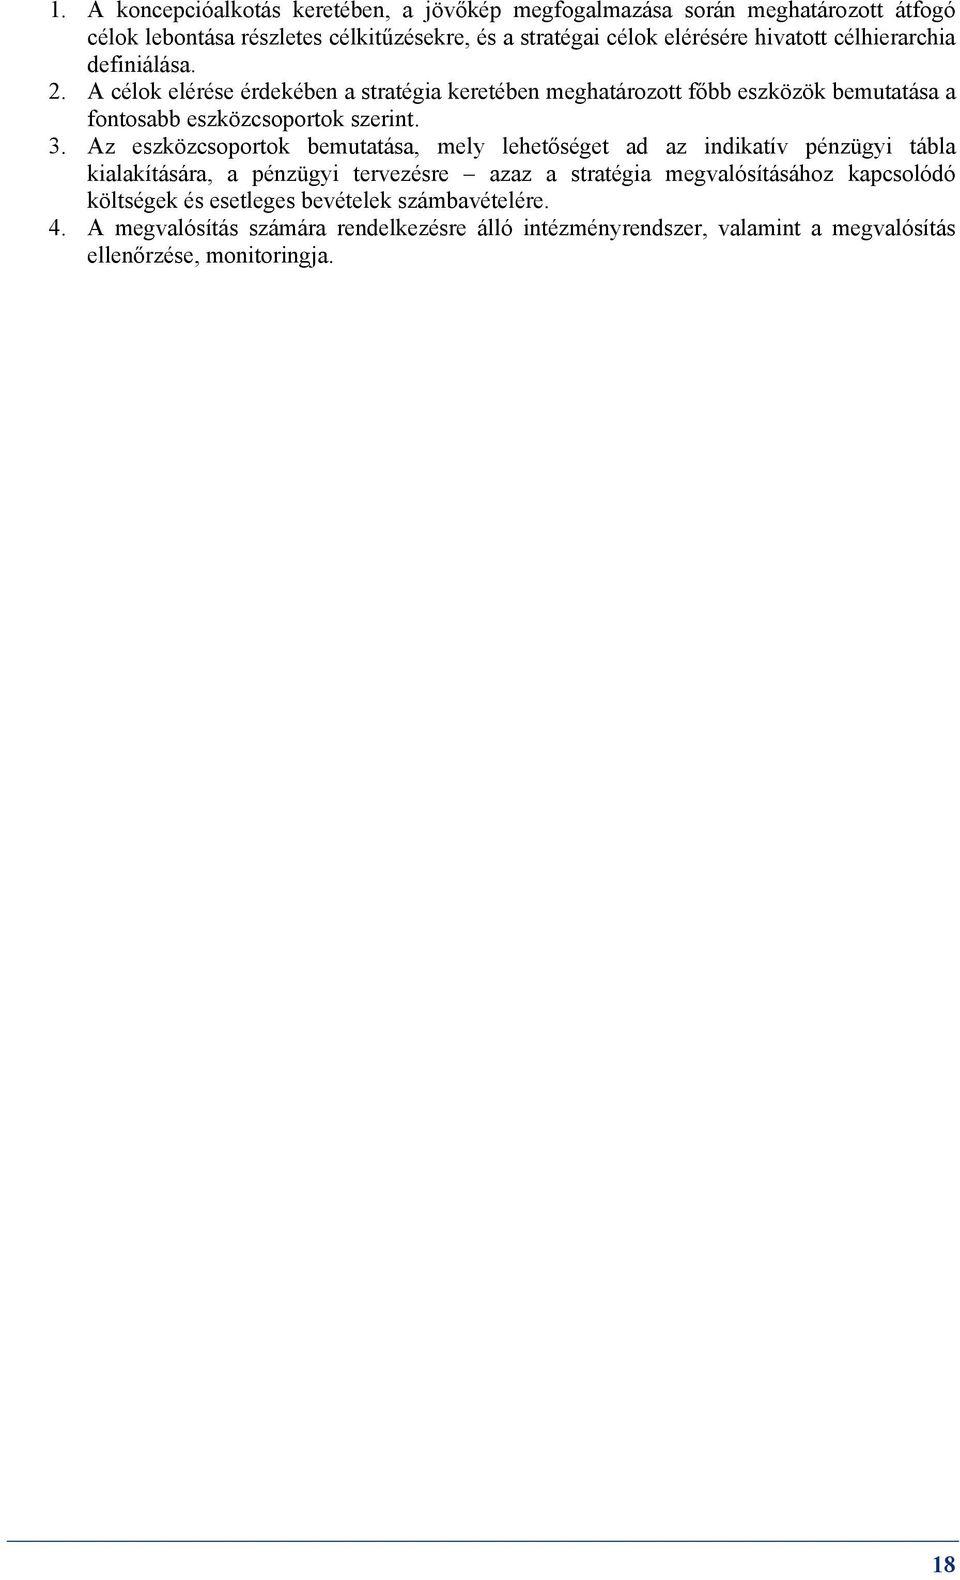 jövőkép rövid leírása kaméleon látása